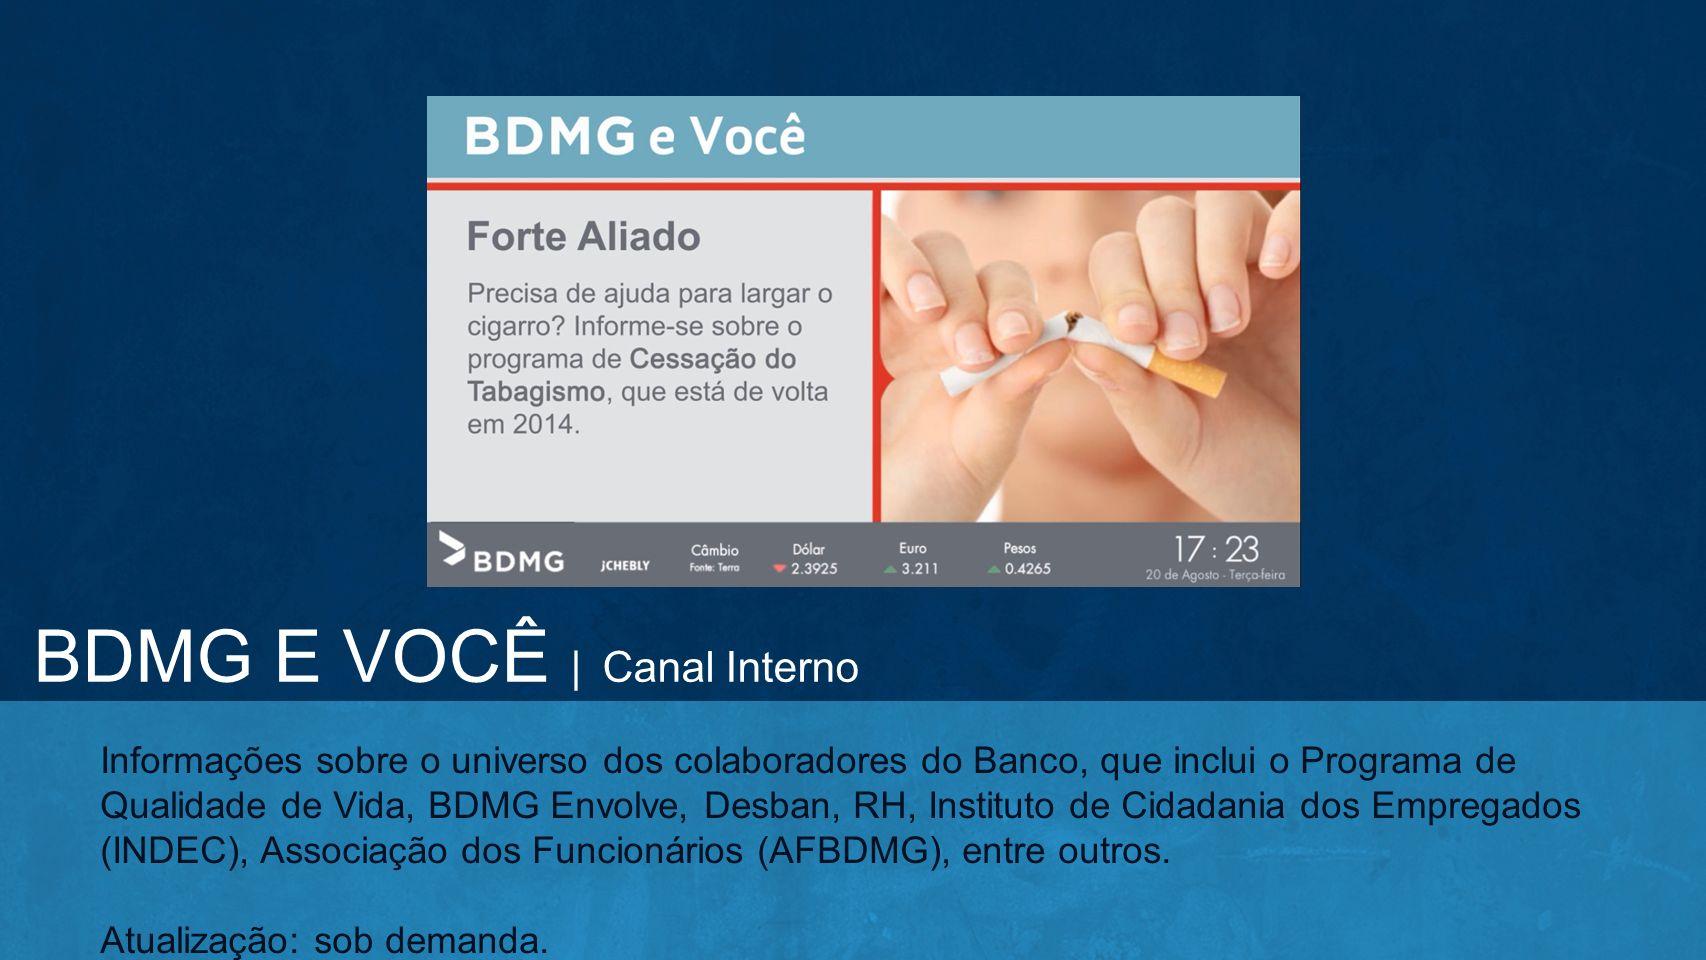 BDMG E VOCÊ | Canal Interno